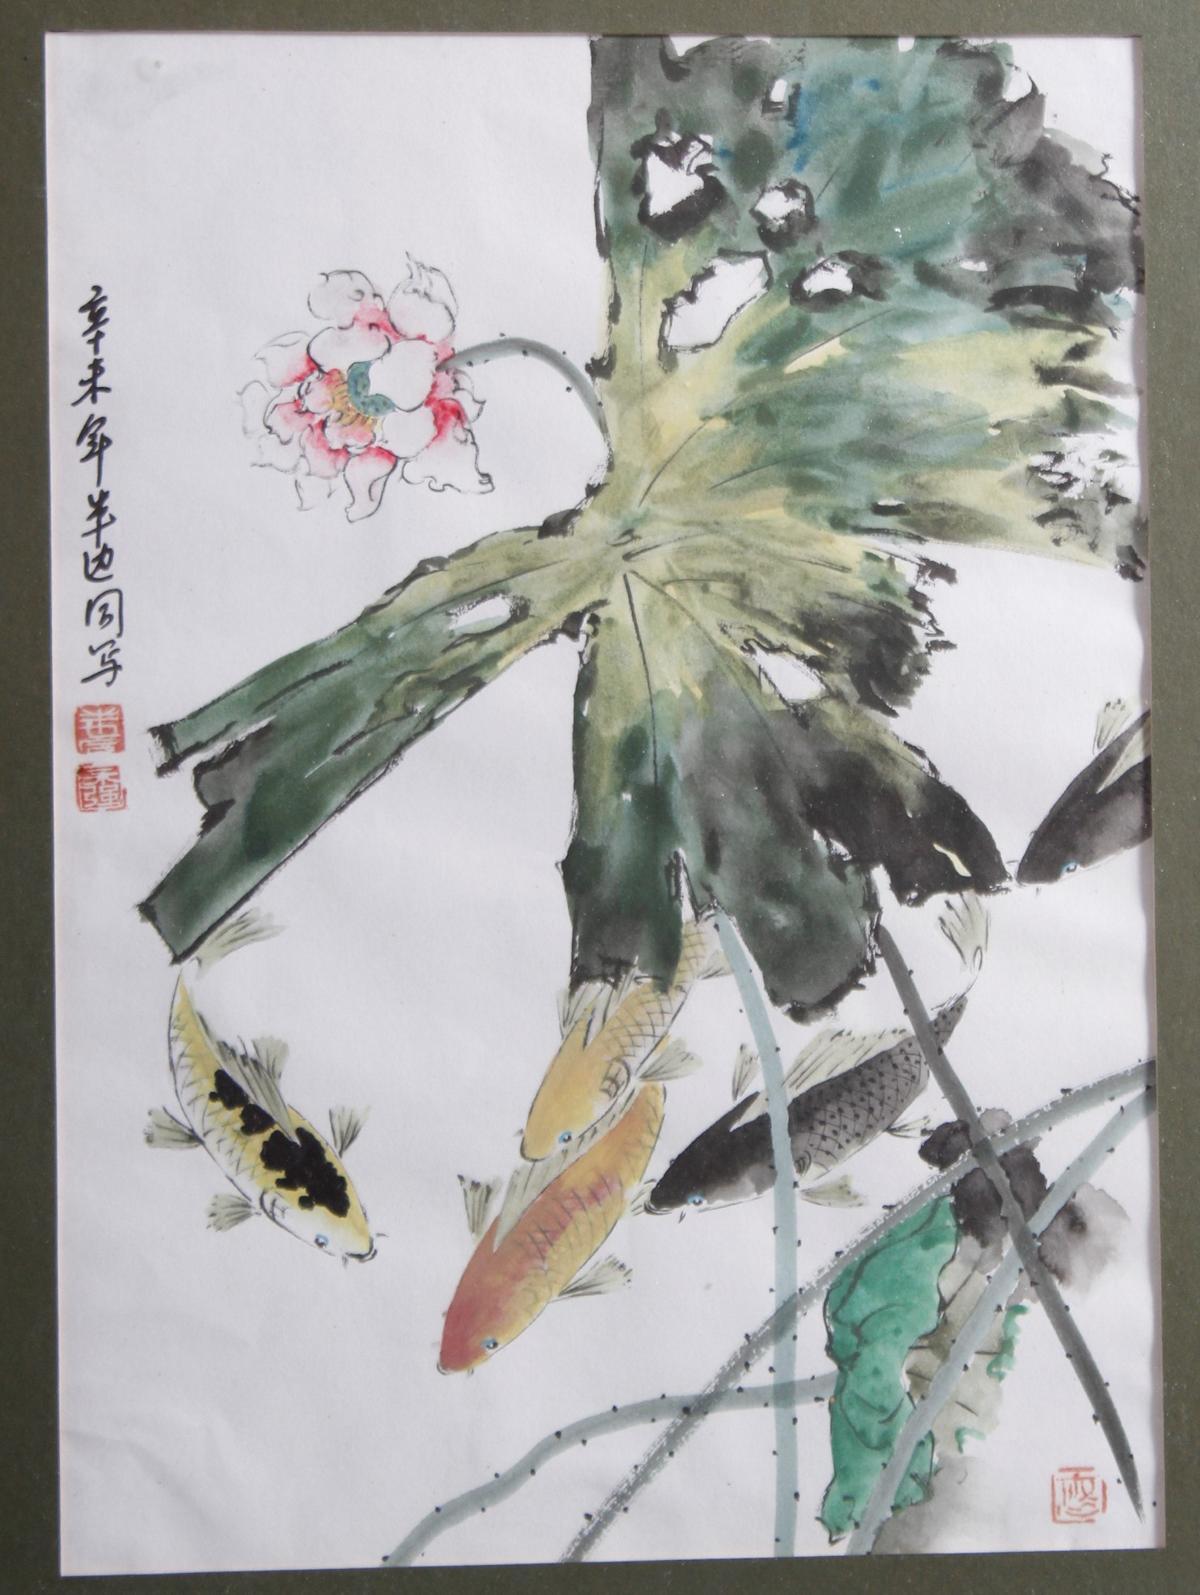 Aquarell, China, Mitte 20. Jahrhundert-2